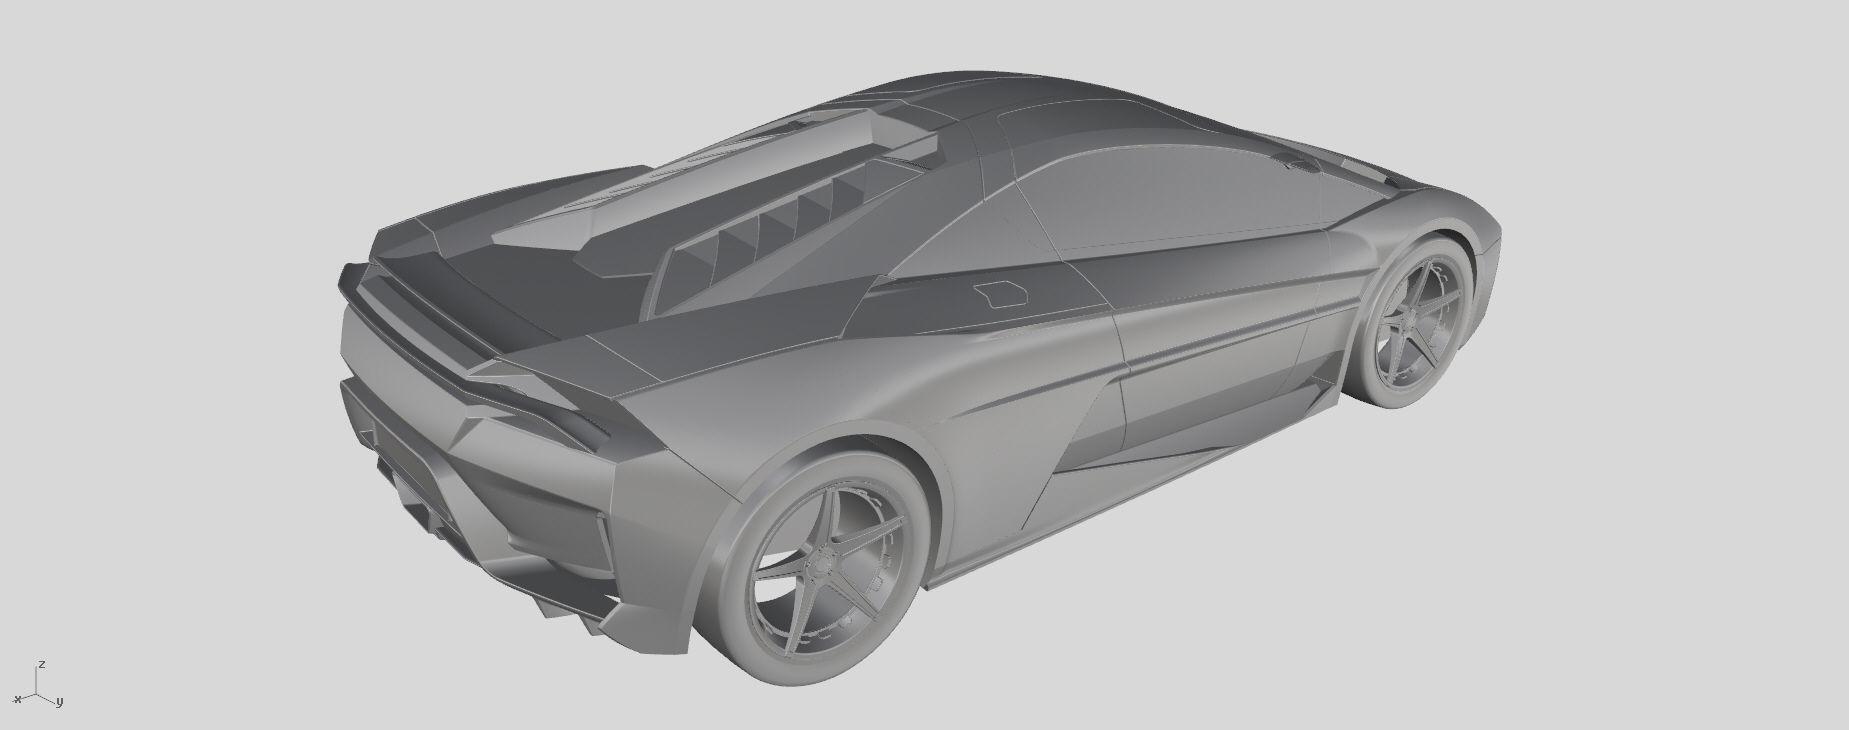 CONCEPT SPORTS CAR | Free 3D models